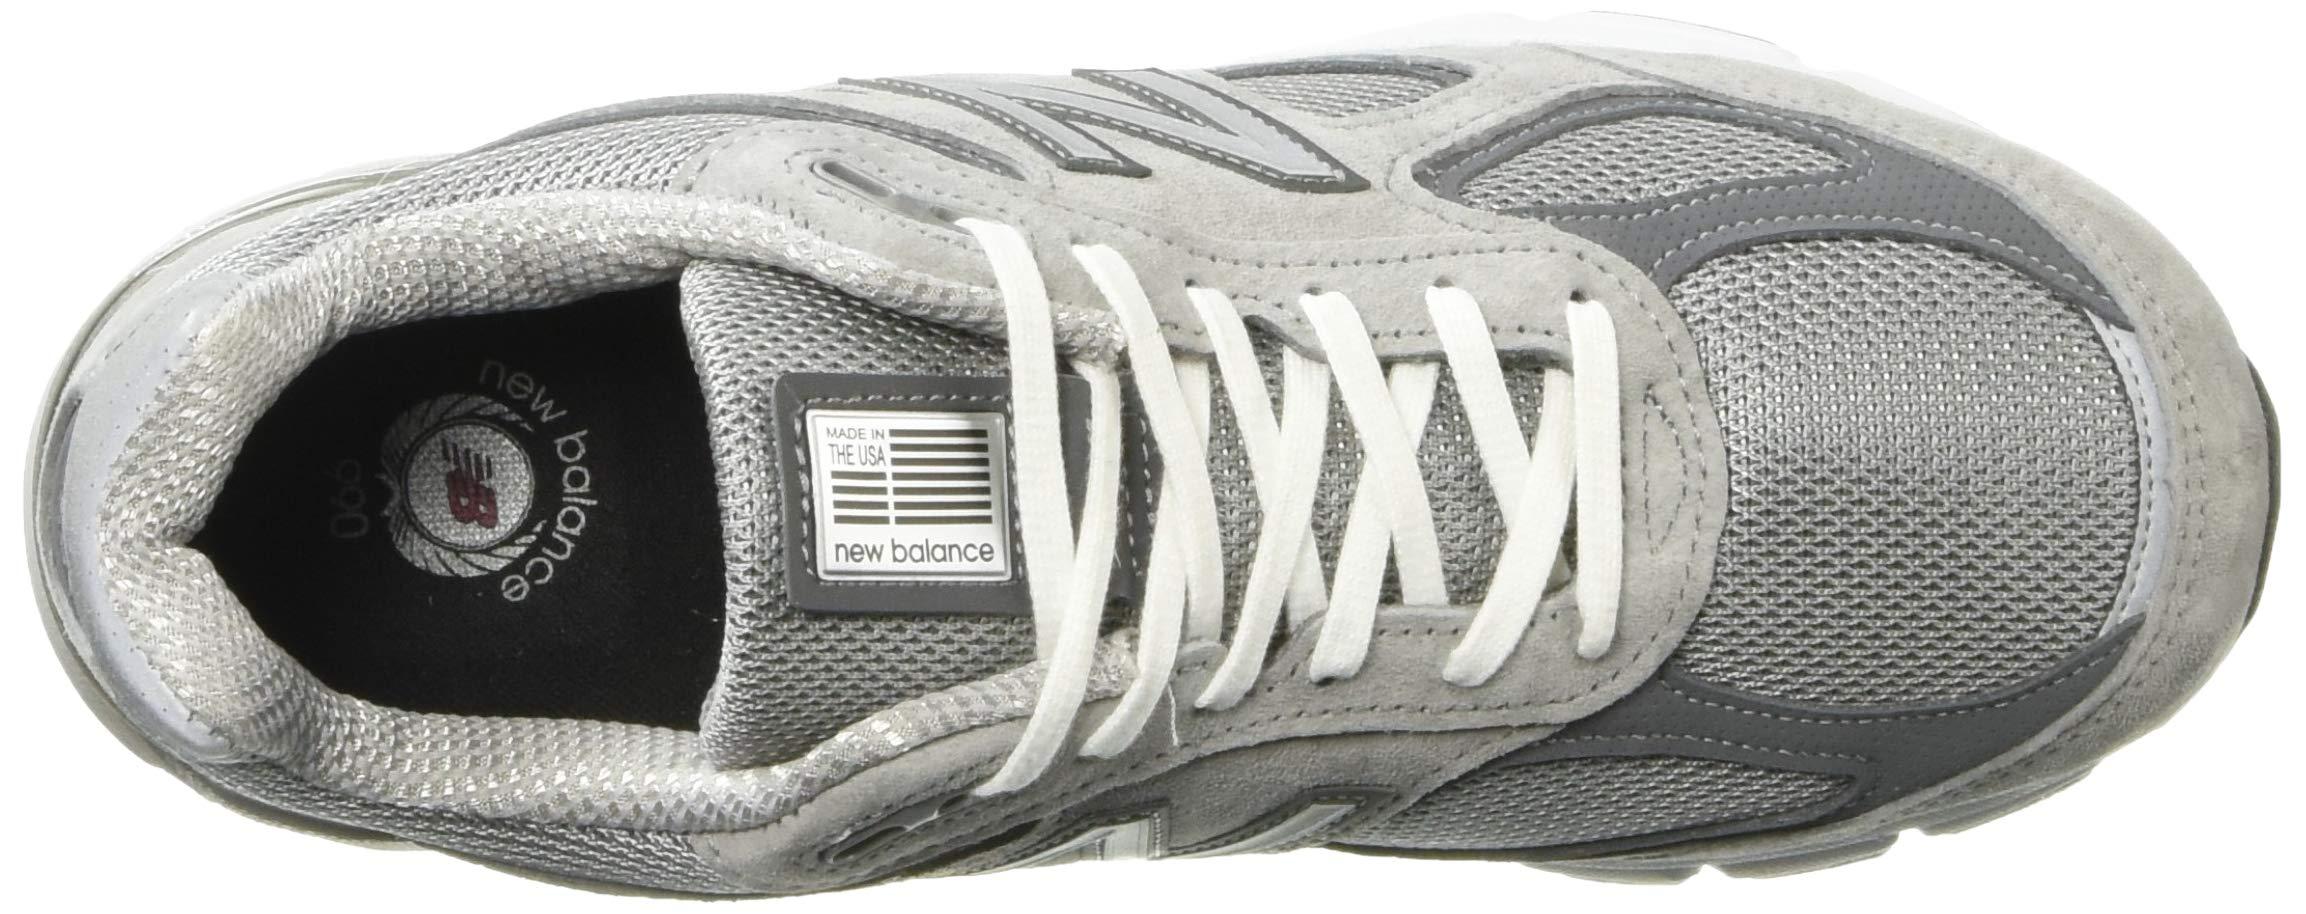 71NIsE62tmL - New Balance Men's 990v4 Running Shoe